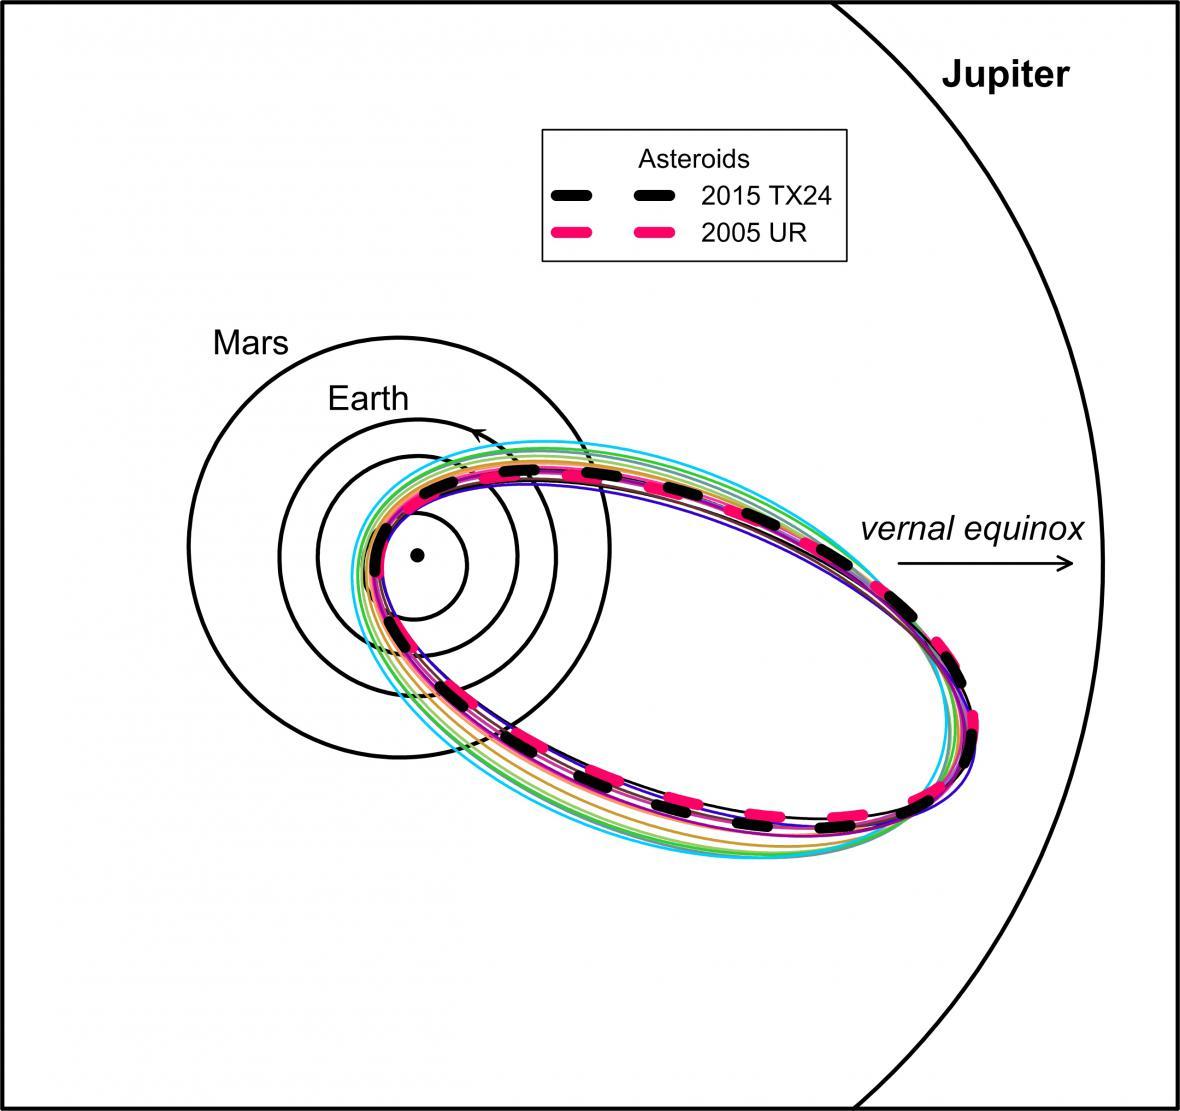 Dráhy asteroidů 2005 UR a 2015 TX24 (silné přerušované čáry) v porovnání s vybranými Tauridami z nové větve (tenké různobarevné čáry). Všechny dráhy se téměř protínají poblíž odsluní.